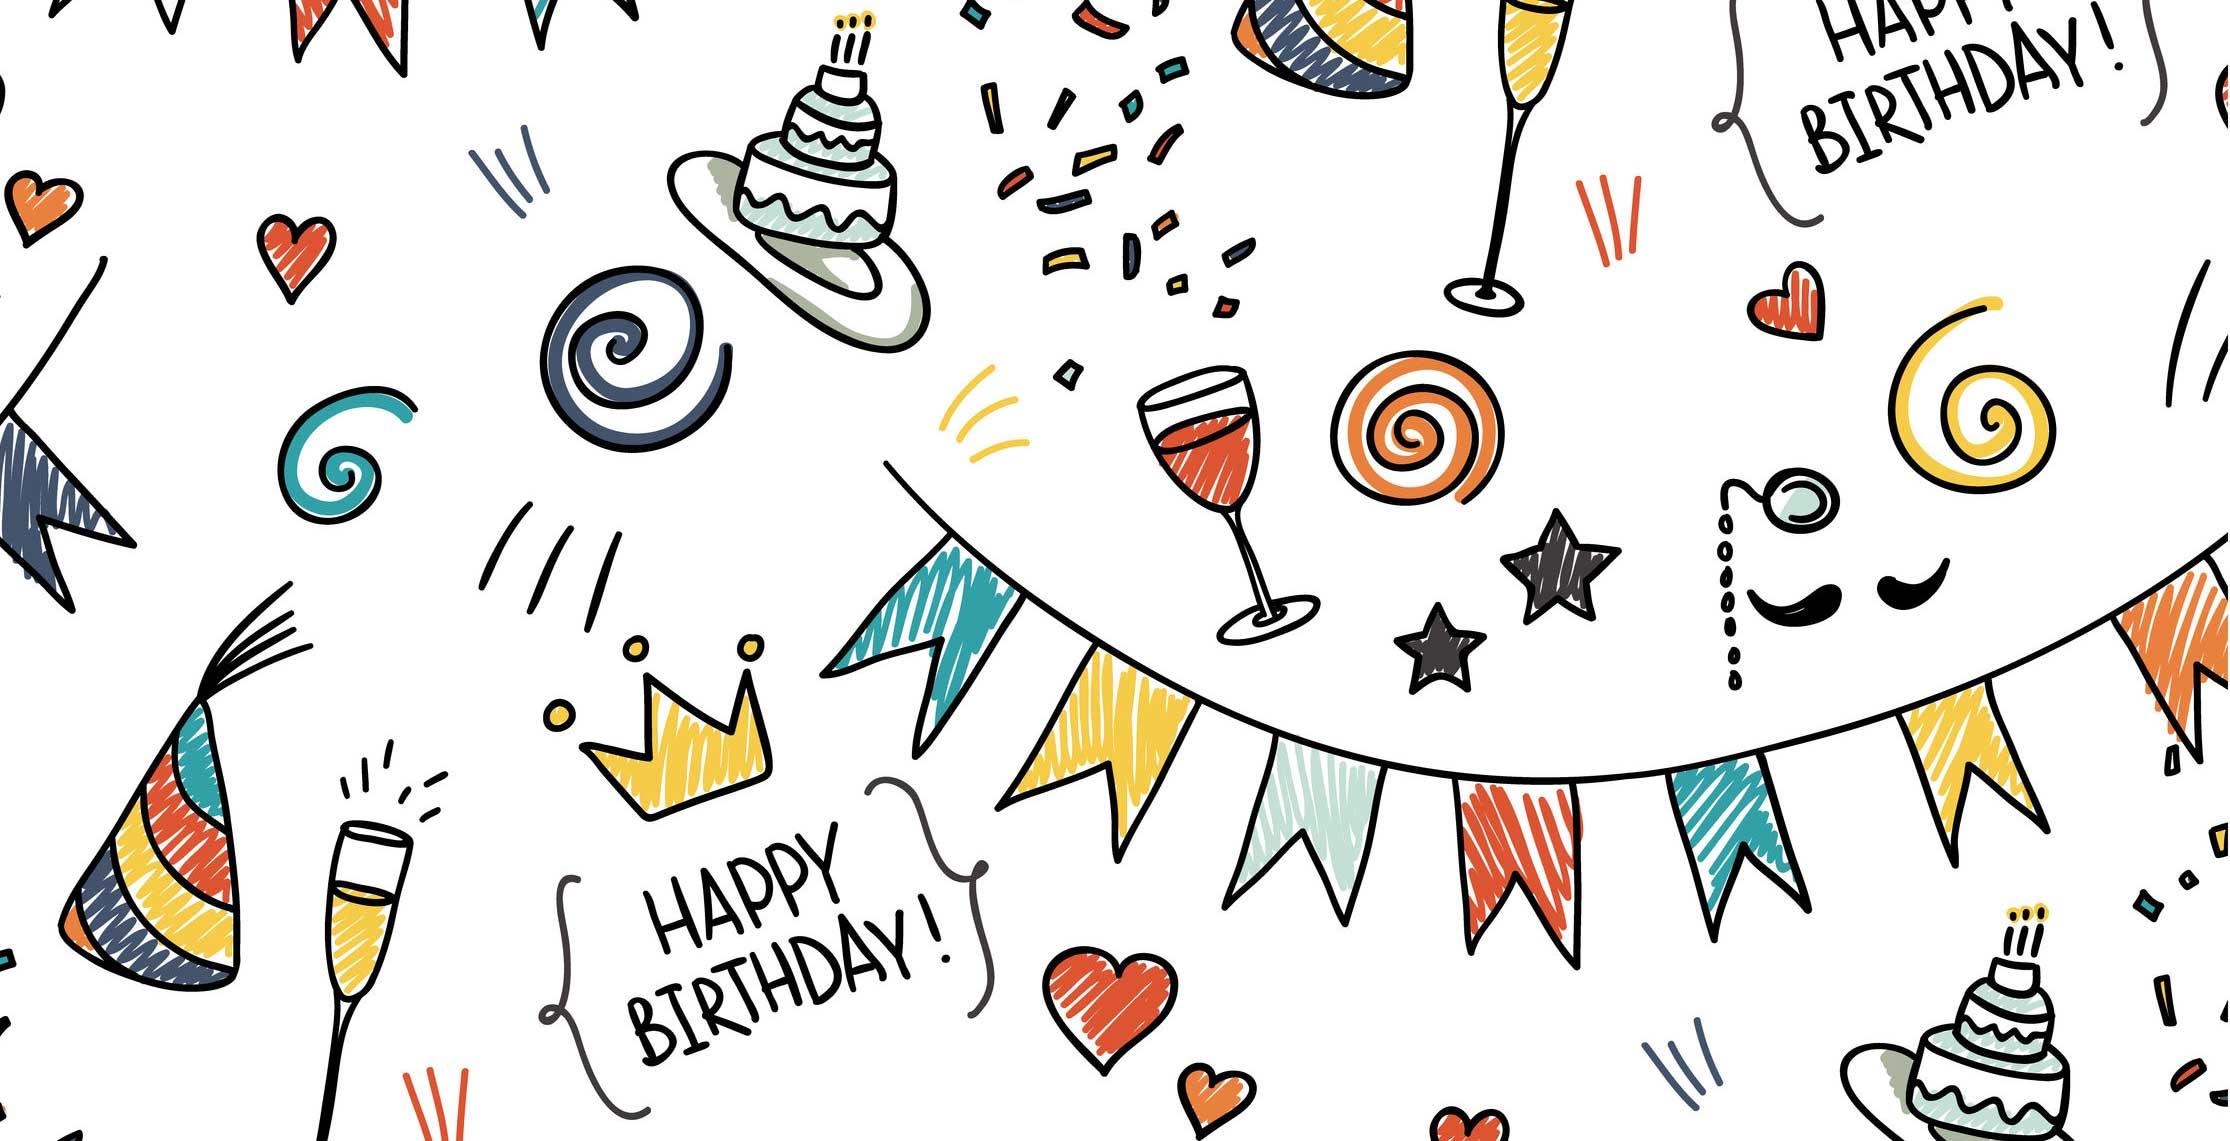 День рождения открытка для мужчин в векторе